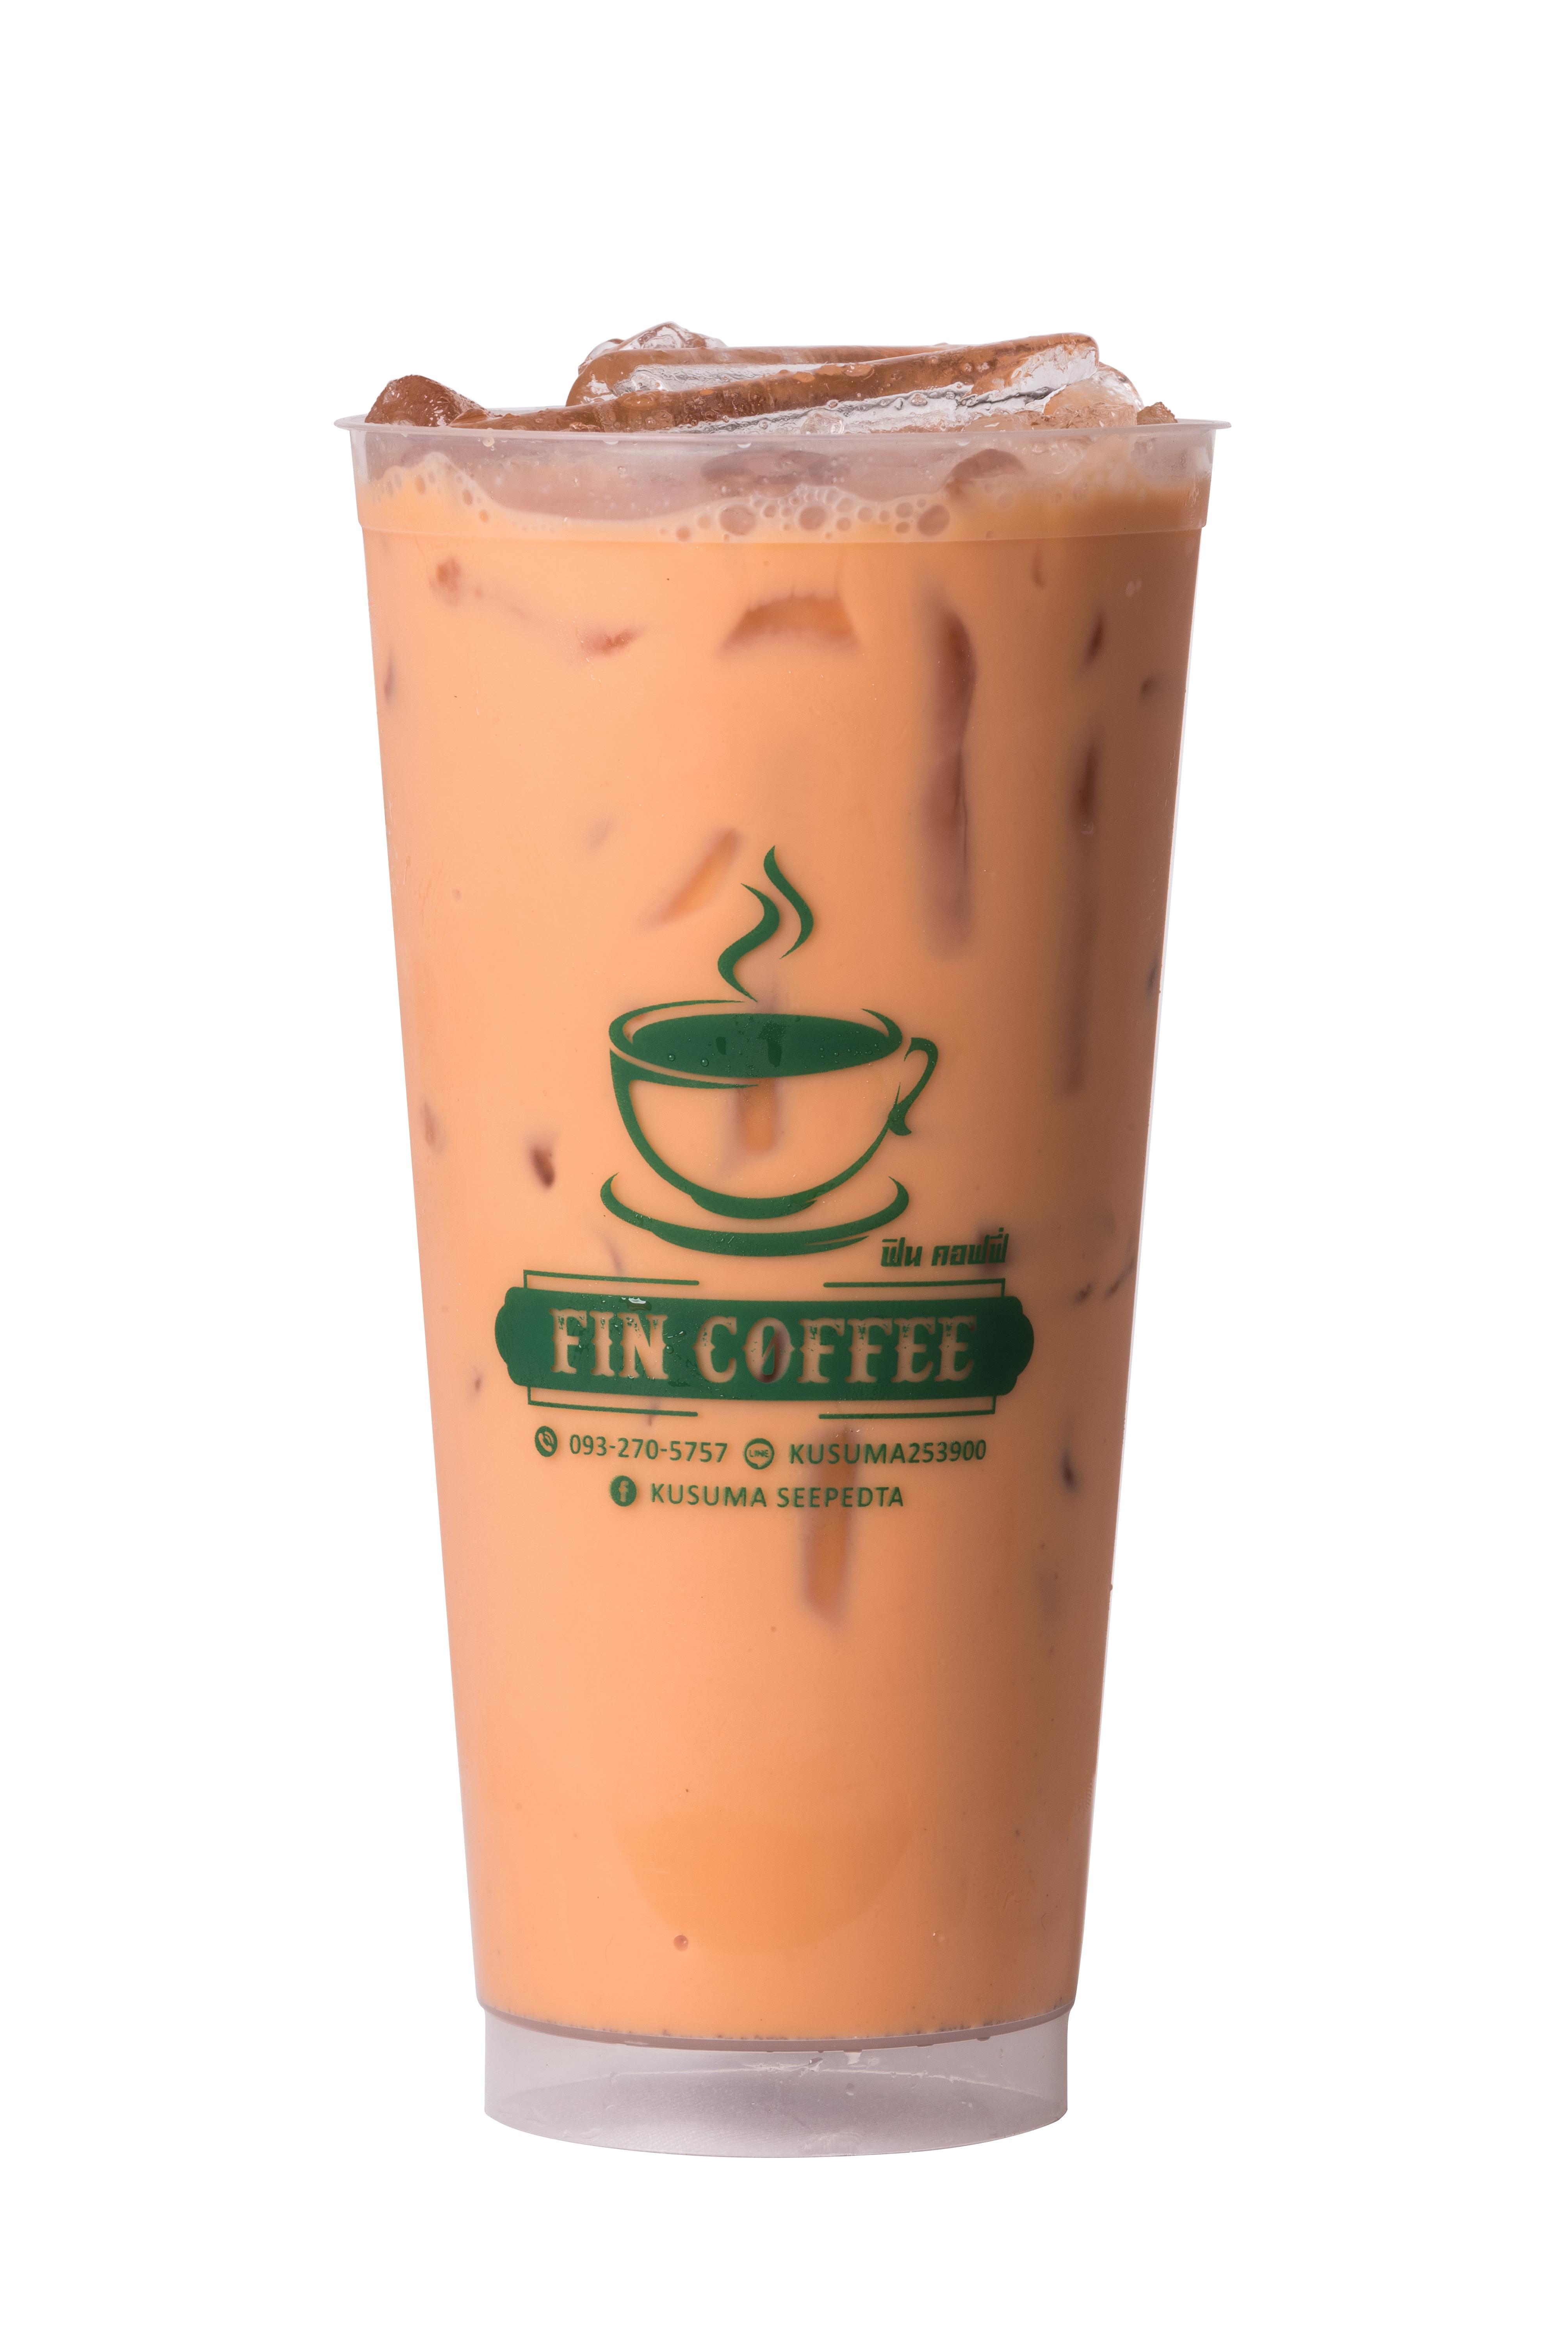 สกรีนแก้วกาแฟ ร้าน  Fin Coffee